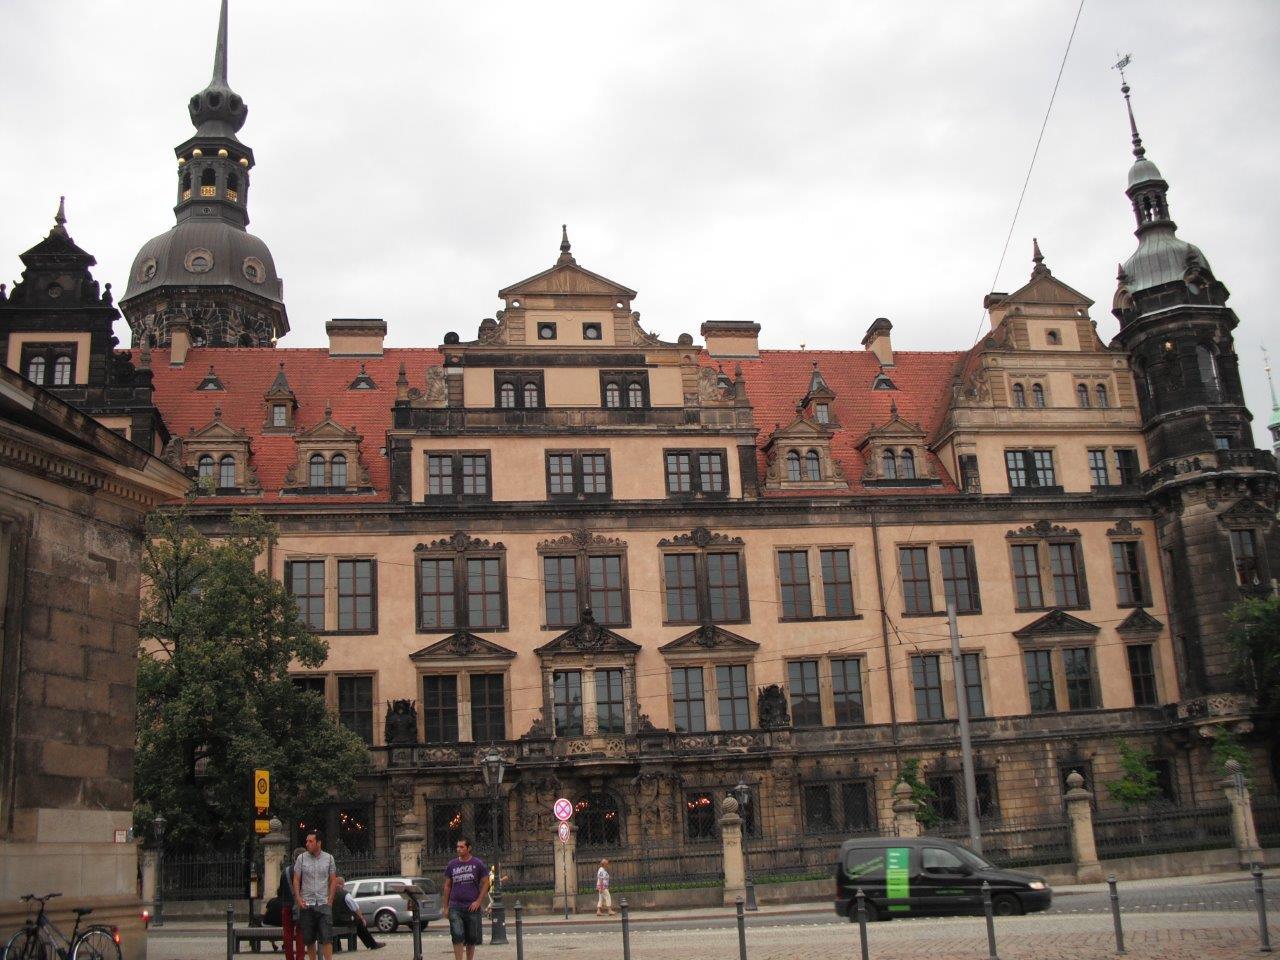 Sachsens Schlösser 2011 von über 2 Millionen Menschen besucht